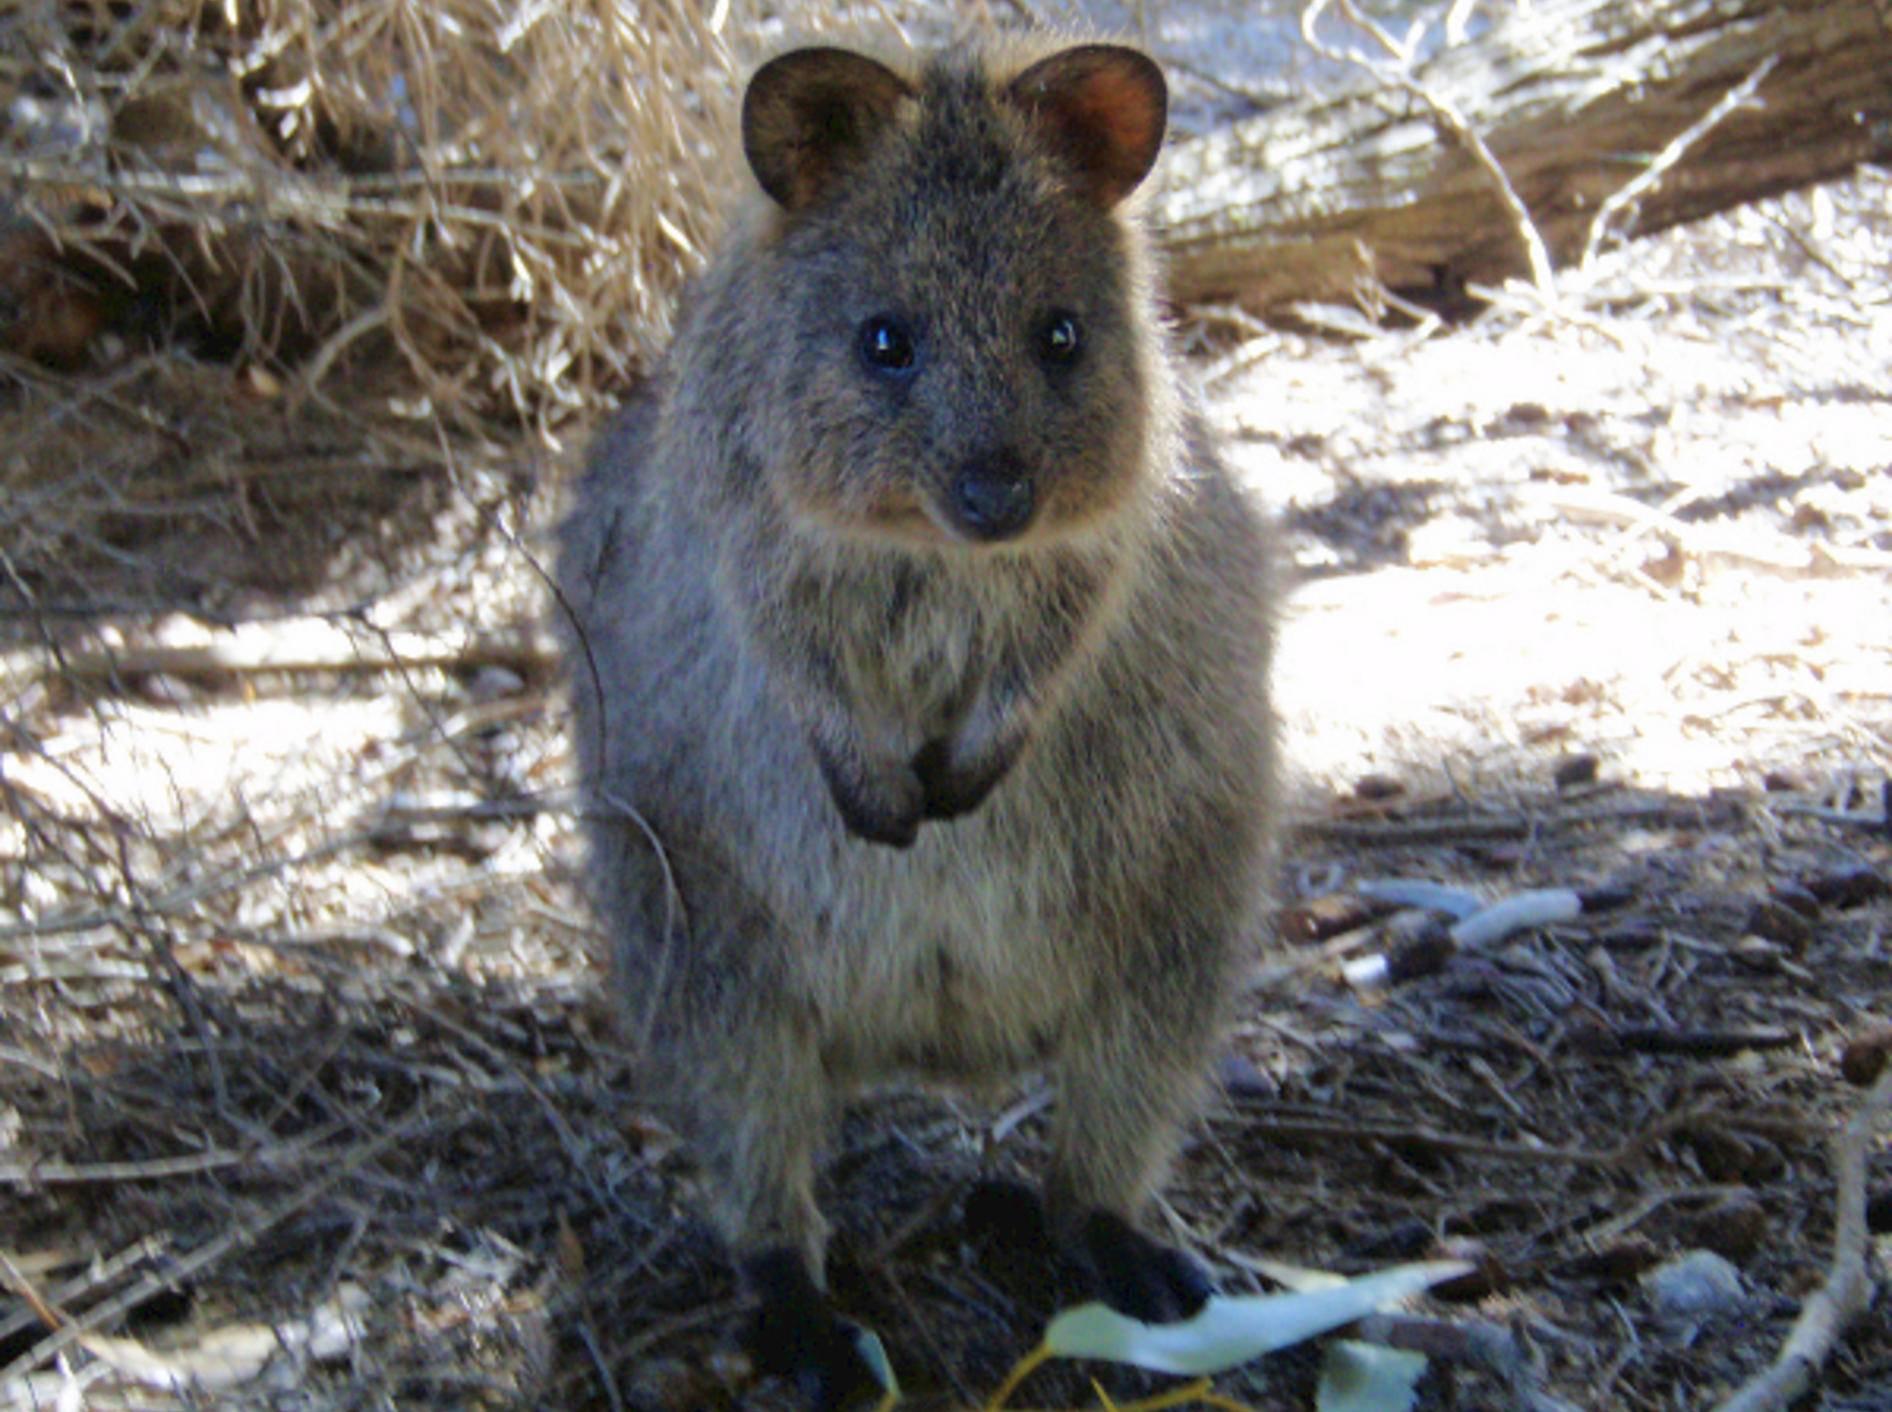 Quokka: Das Kurzschwanzkänguru sieht glücklich und zufrieden aus